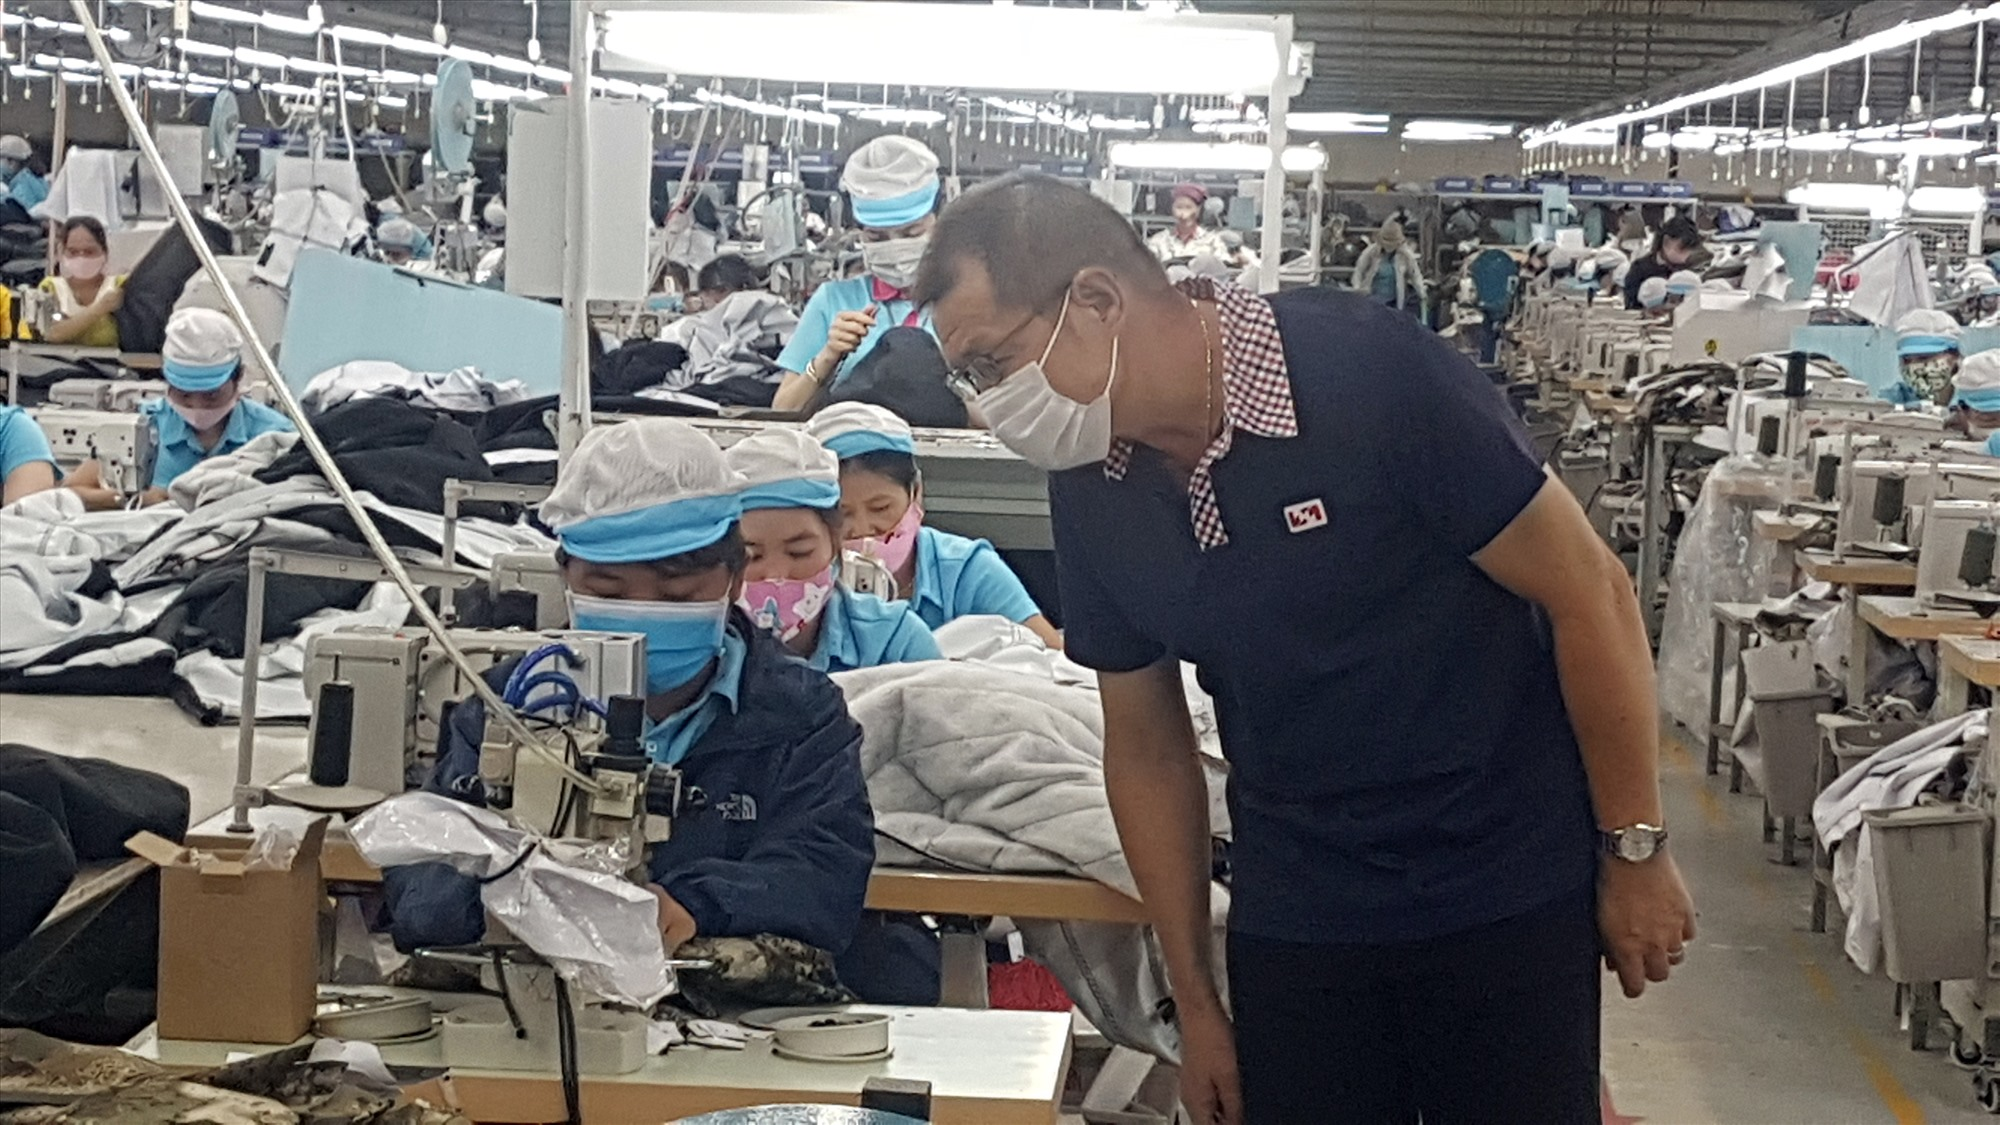 Ông Chou Kuo I - Tổng Giám đốc Công ty Vast Apparel Việt Nam (Phú Ninh) kiểm tra hoạt động sản xuất của công nhân trong thời điểm dịch bệnh Covid-19 phức tạp. Ảnh: D.LỆ